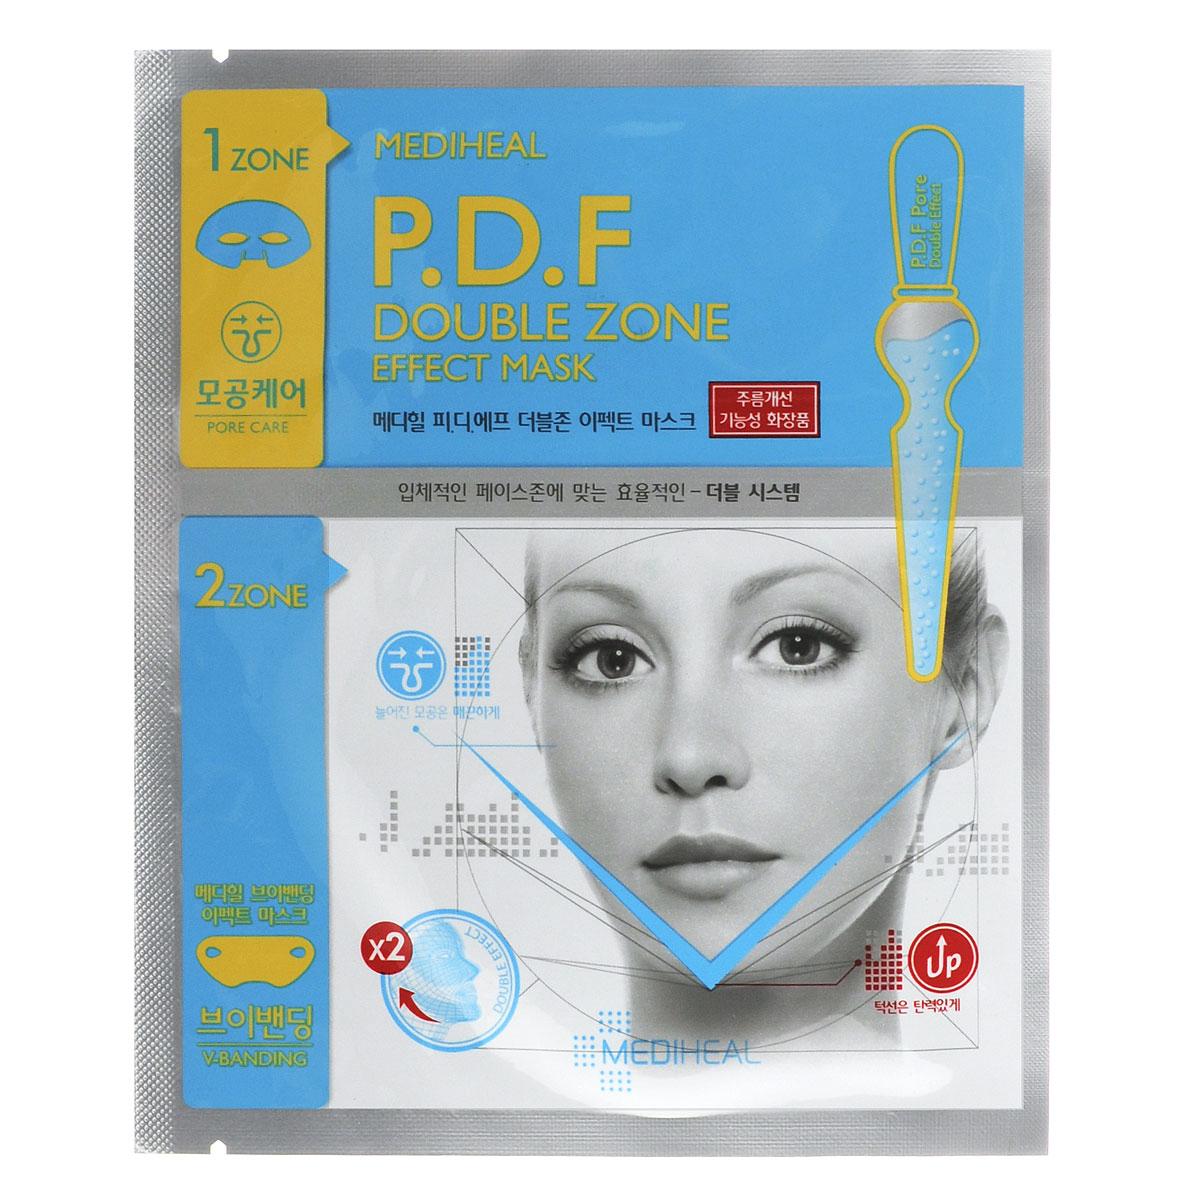 Beauty Clinic Маска для молодой кожи PDF, двухзональная, для проблемной кожи555609Маска ухаживает сразу за двумя зонами кожи лица: снимает воспаление, успокаивает проблемную кожу, сужает поры и подтягивает V-зону, делая ее более упругой и эластичной. Маска решает 2 задачи: 1. Уход за проблемной кожей в верхней части лица. Маска сужает поры, придает гладкость и эластичность коже, увлажняет. Верхняя часть маски на основе целлюлозы плотно прилегает к коже, обеспечивая глубокое проникновение питательных веществ. Эссенция, которой пропитана маска, содержит такие эффективные компоненты как экстракты гамамелиса, цветков ромашки, центеллы азиатской, хауттюйнии сердцевидной. Экстракт гамамелиса обладает выраженным вяжущим, а также антибактериальным действием, смягчает поверхностный слой кожи, способствует стягиванию расширенных пор, препятствует появлению воспалений. Экстракт из цветков ромашки смягчает кожу, снимает воспаления и покраснения, стимулирует обновление клеток кожи. Экстракт портулака огородного успокаивает...